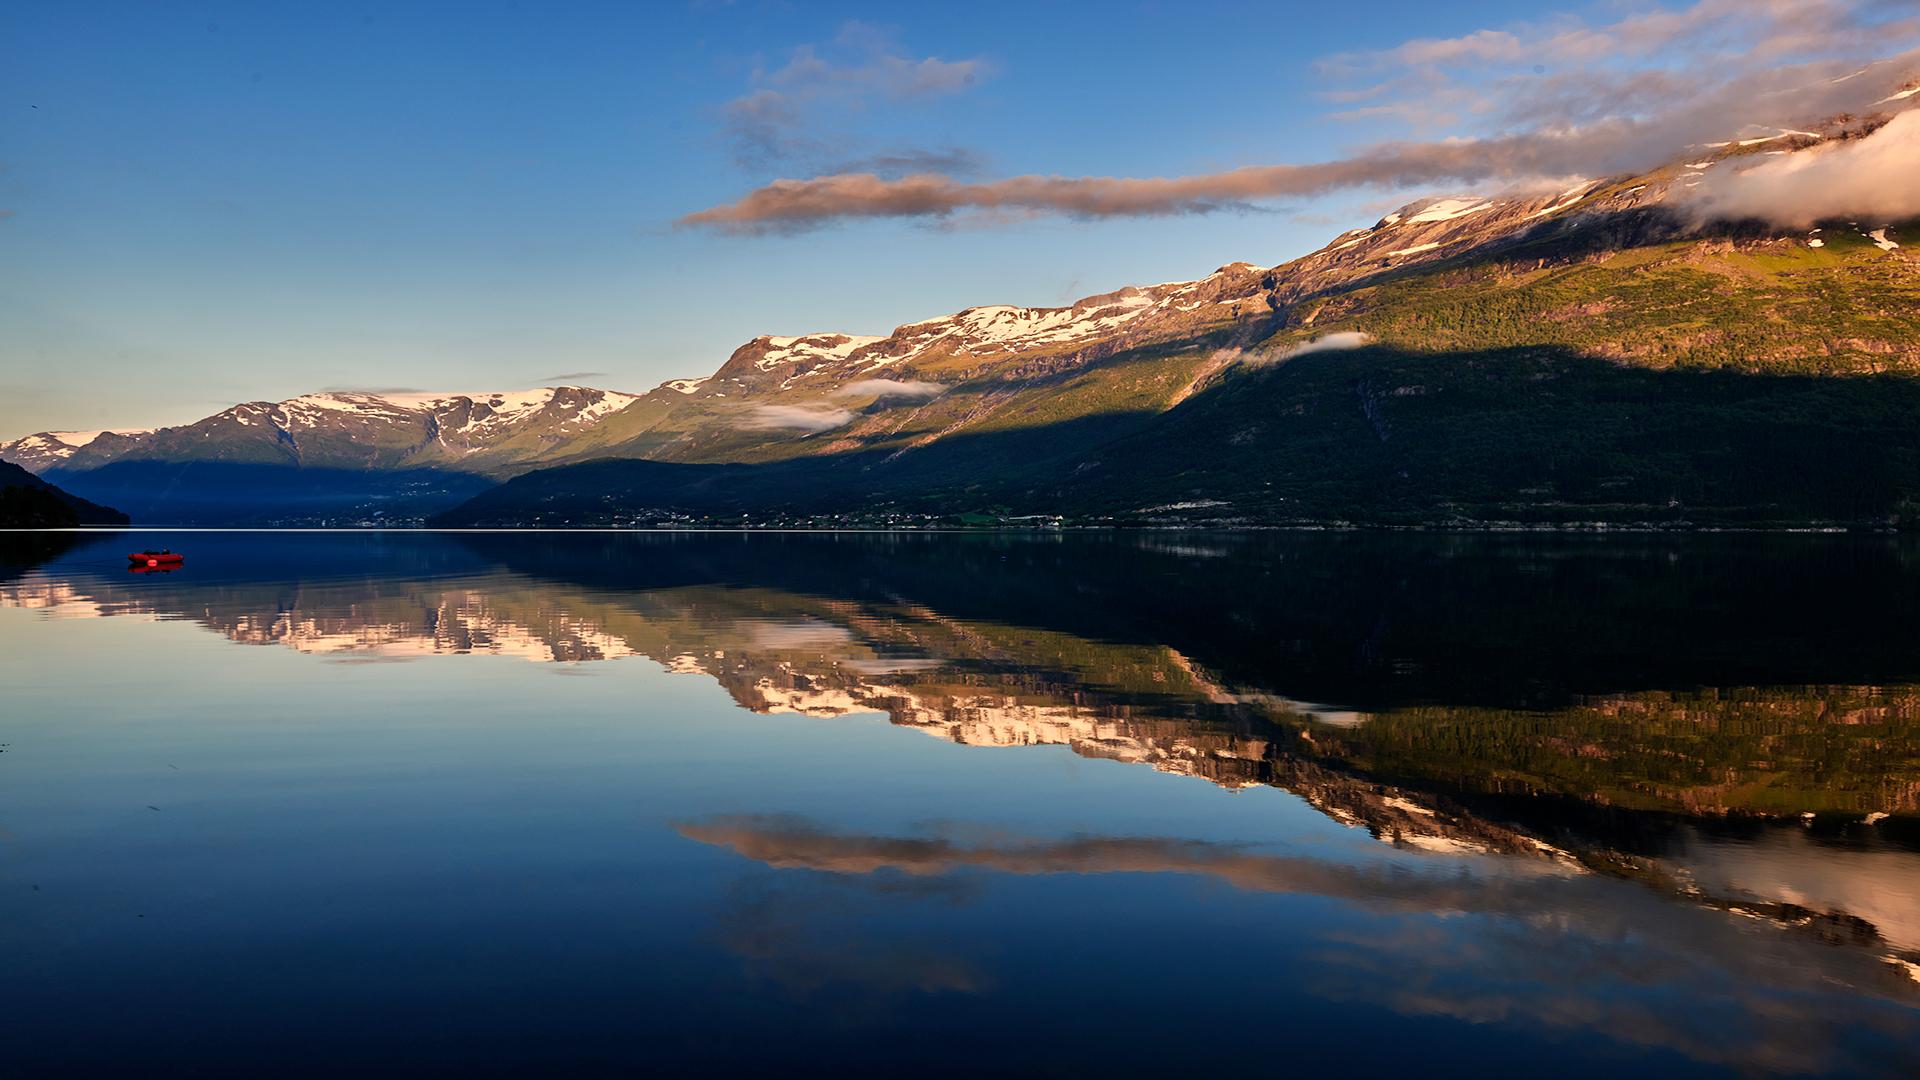 自然山水风景唯美高清桌面壁纸